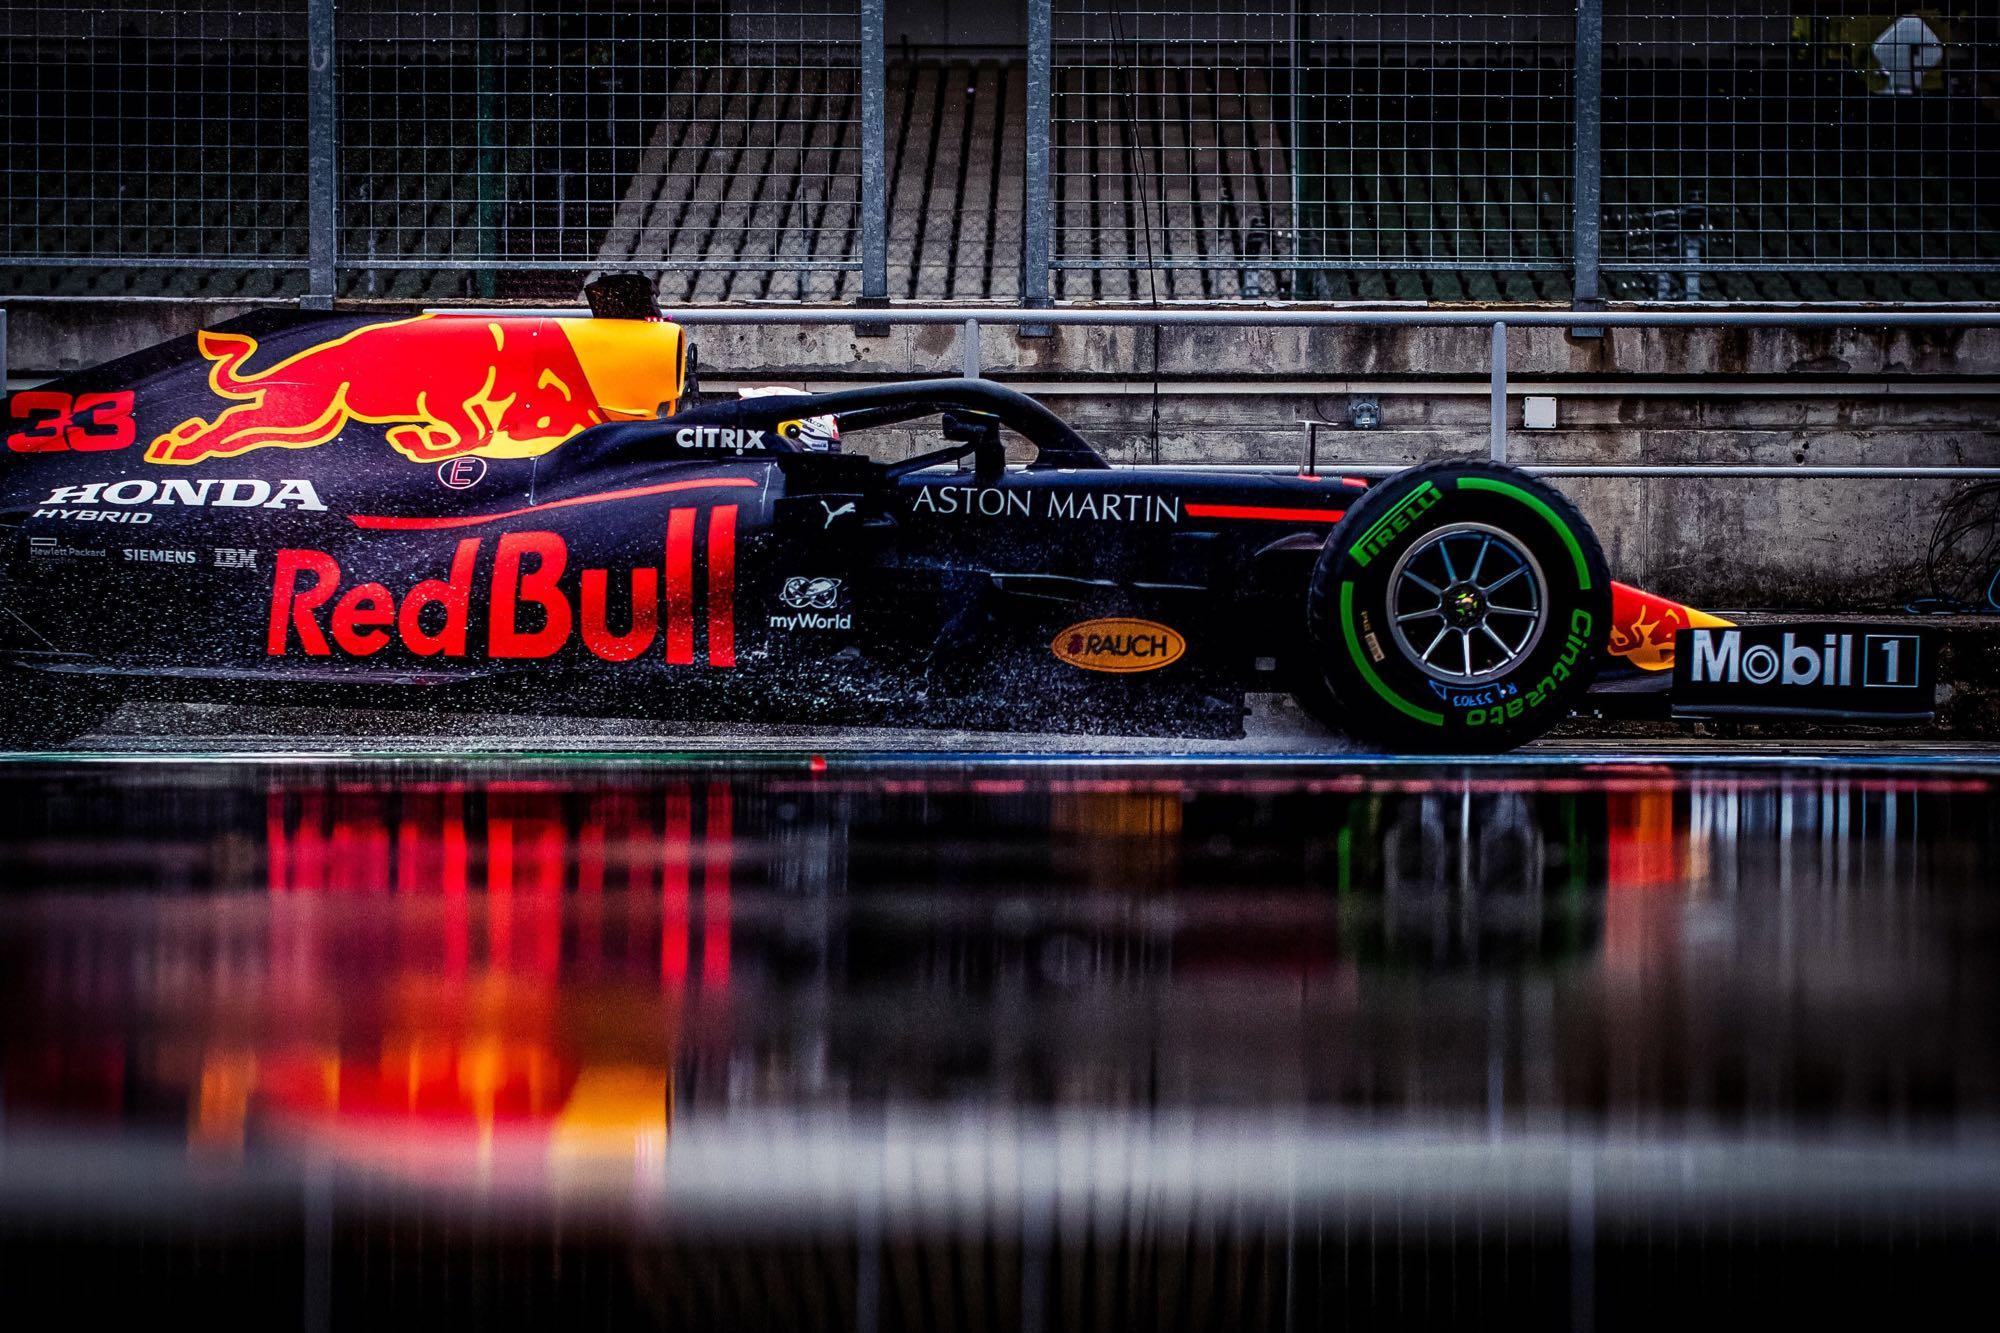 Red Bull Red Bull Racing Max Verstappen Aston Martin Honda Mobil 1 Wallpaper Resolution 2000x1333 Id 1143213 Wallha Com